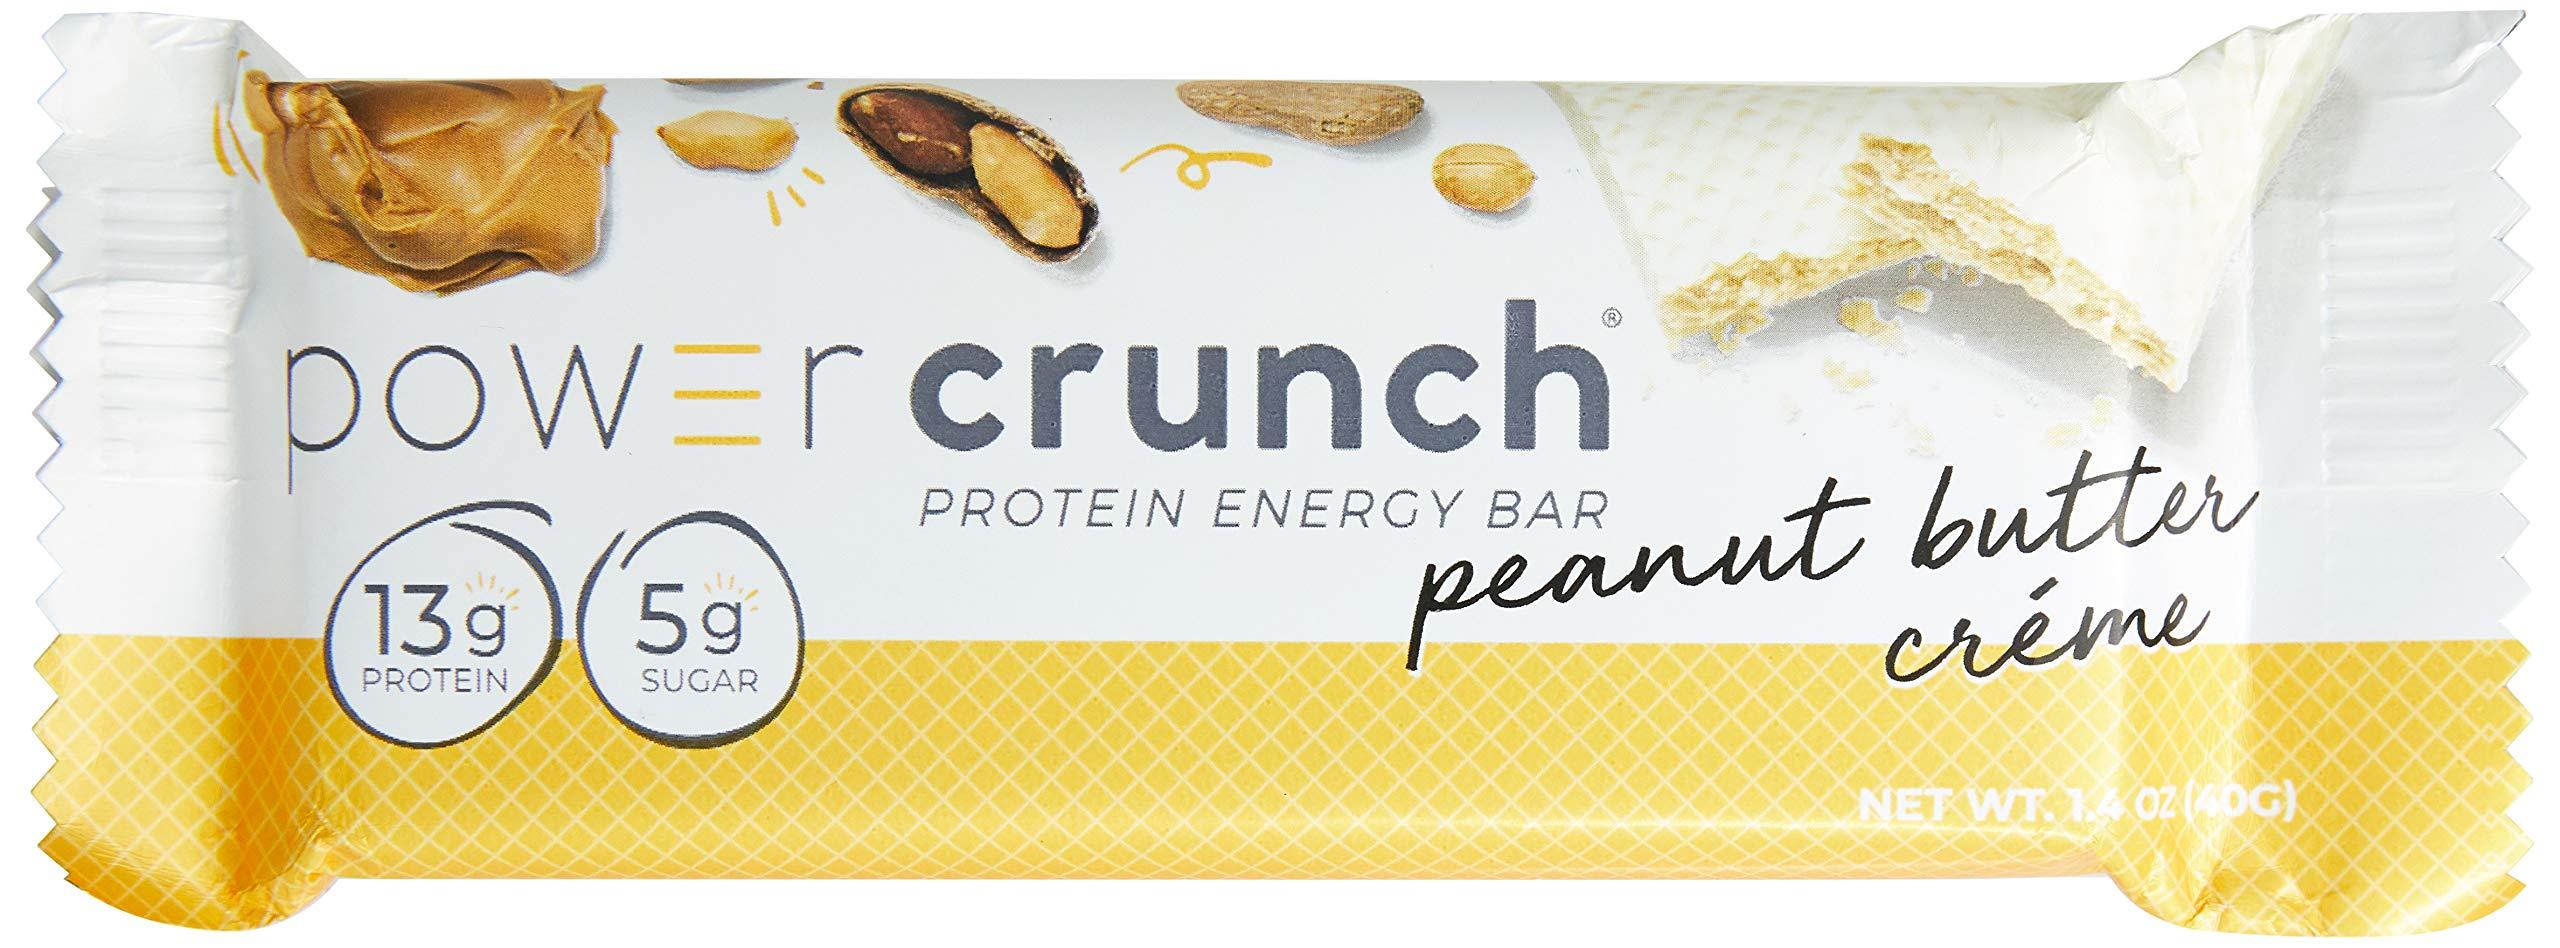 Power Crunch Bar, Peanut Butter Cream, 1.4 Ounce by Power Crunch